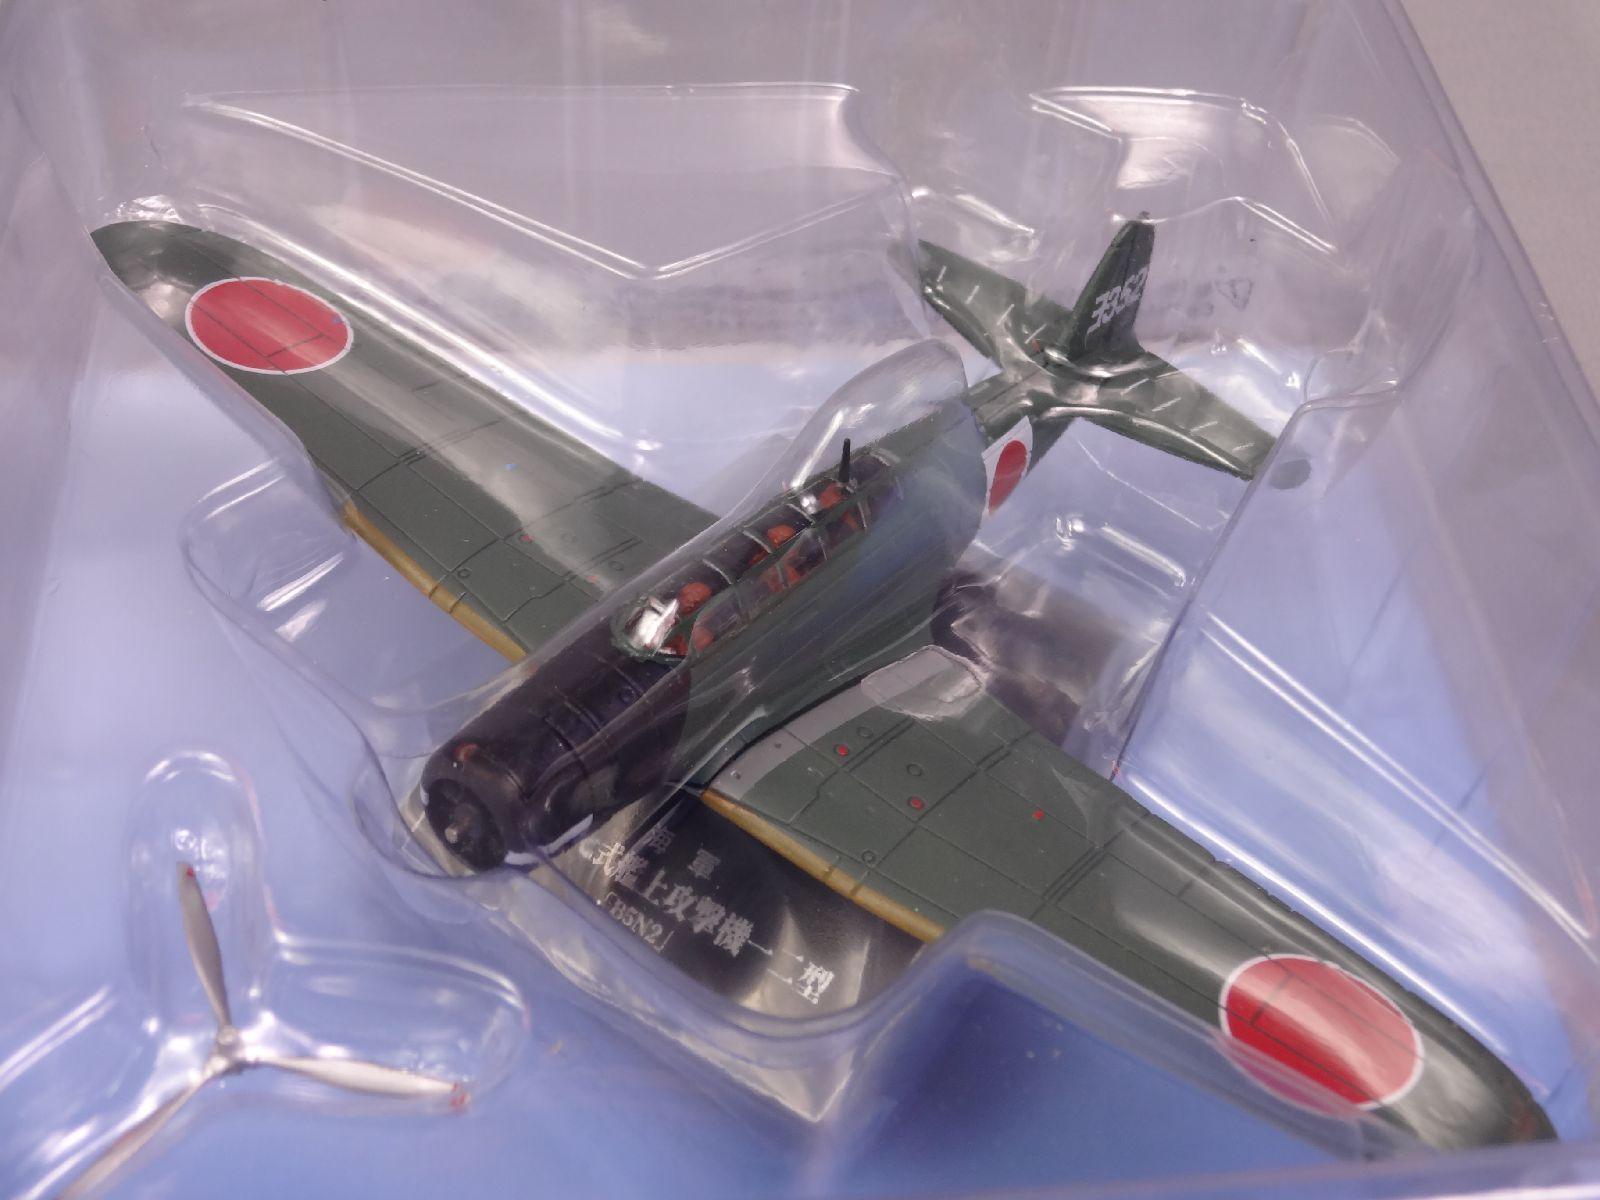 NAKAJIMA 97 navire de guerre type échelle 12 1 100 Aéronefs de la guerre Japon Diecast Display vol16